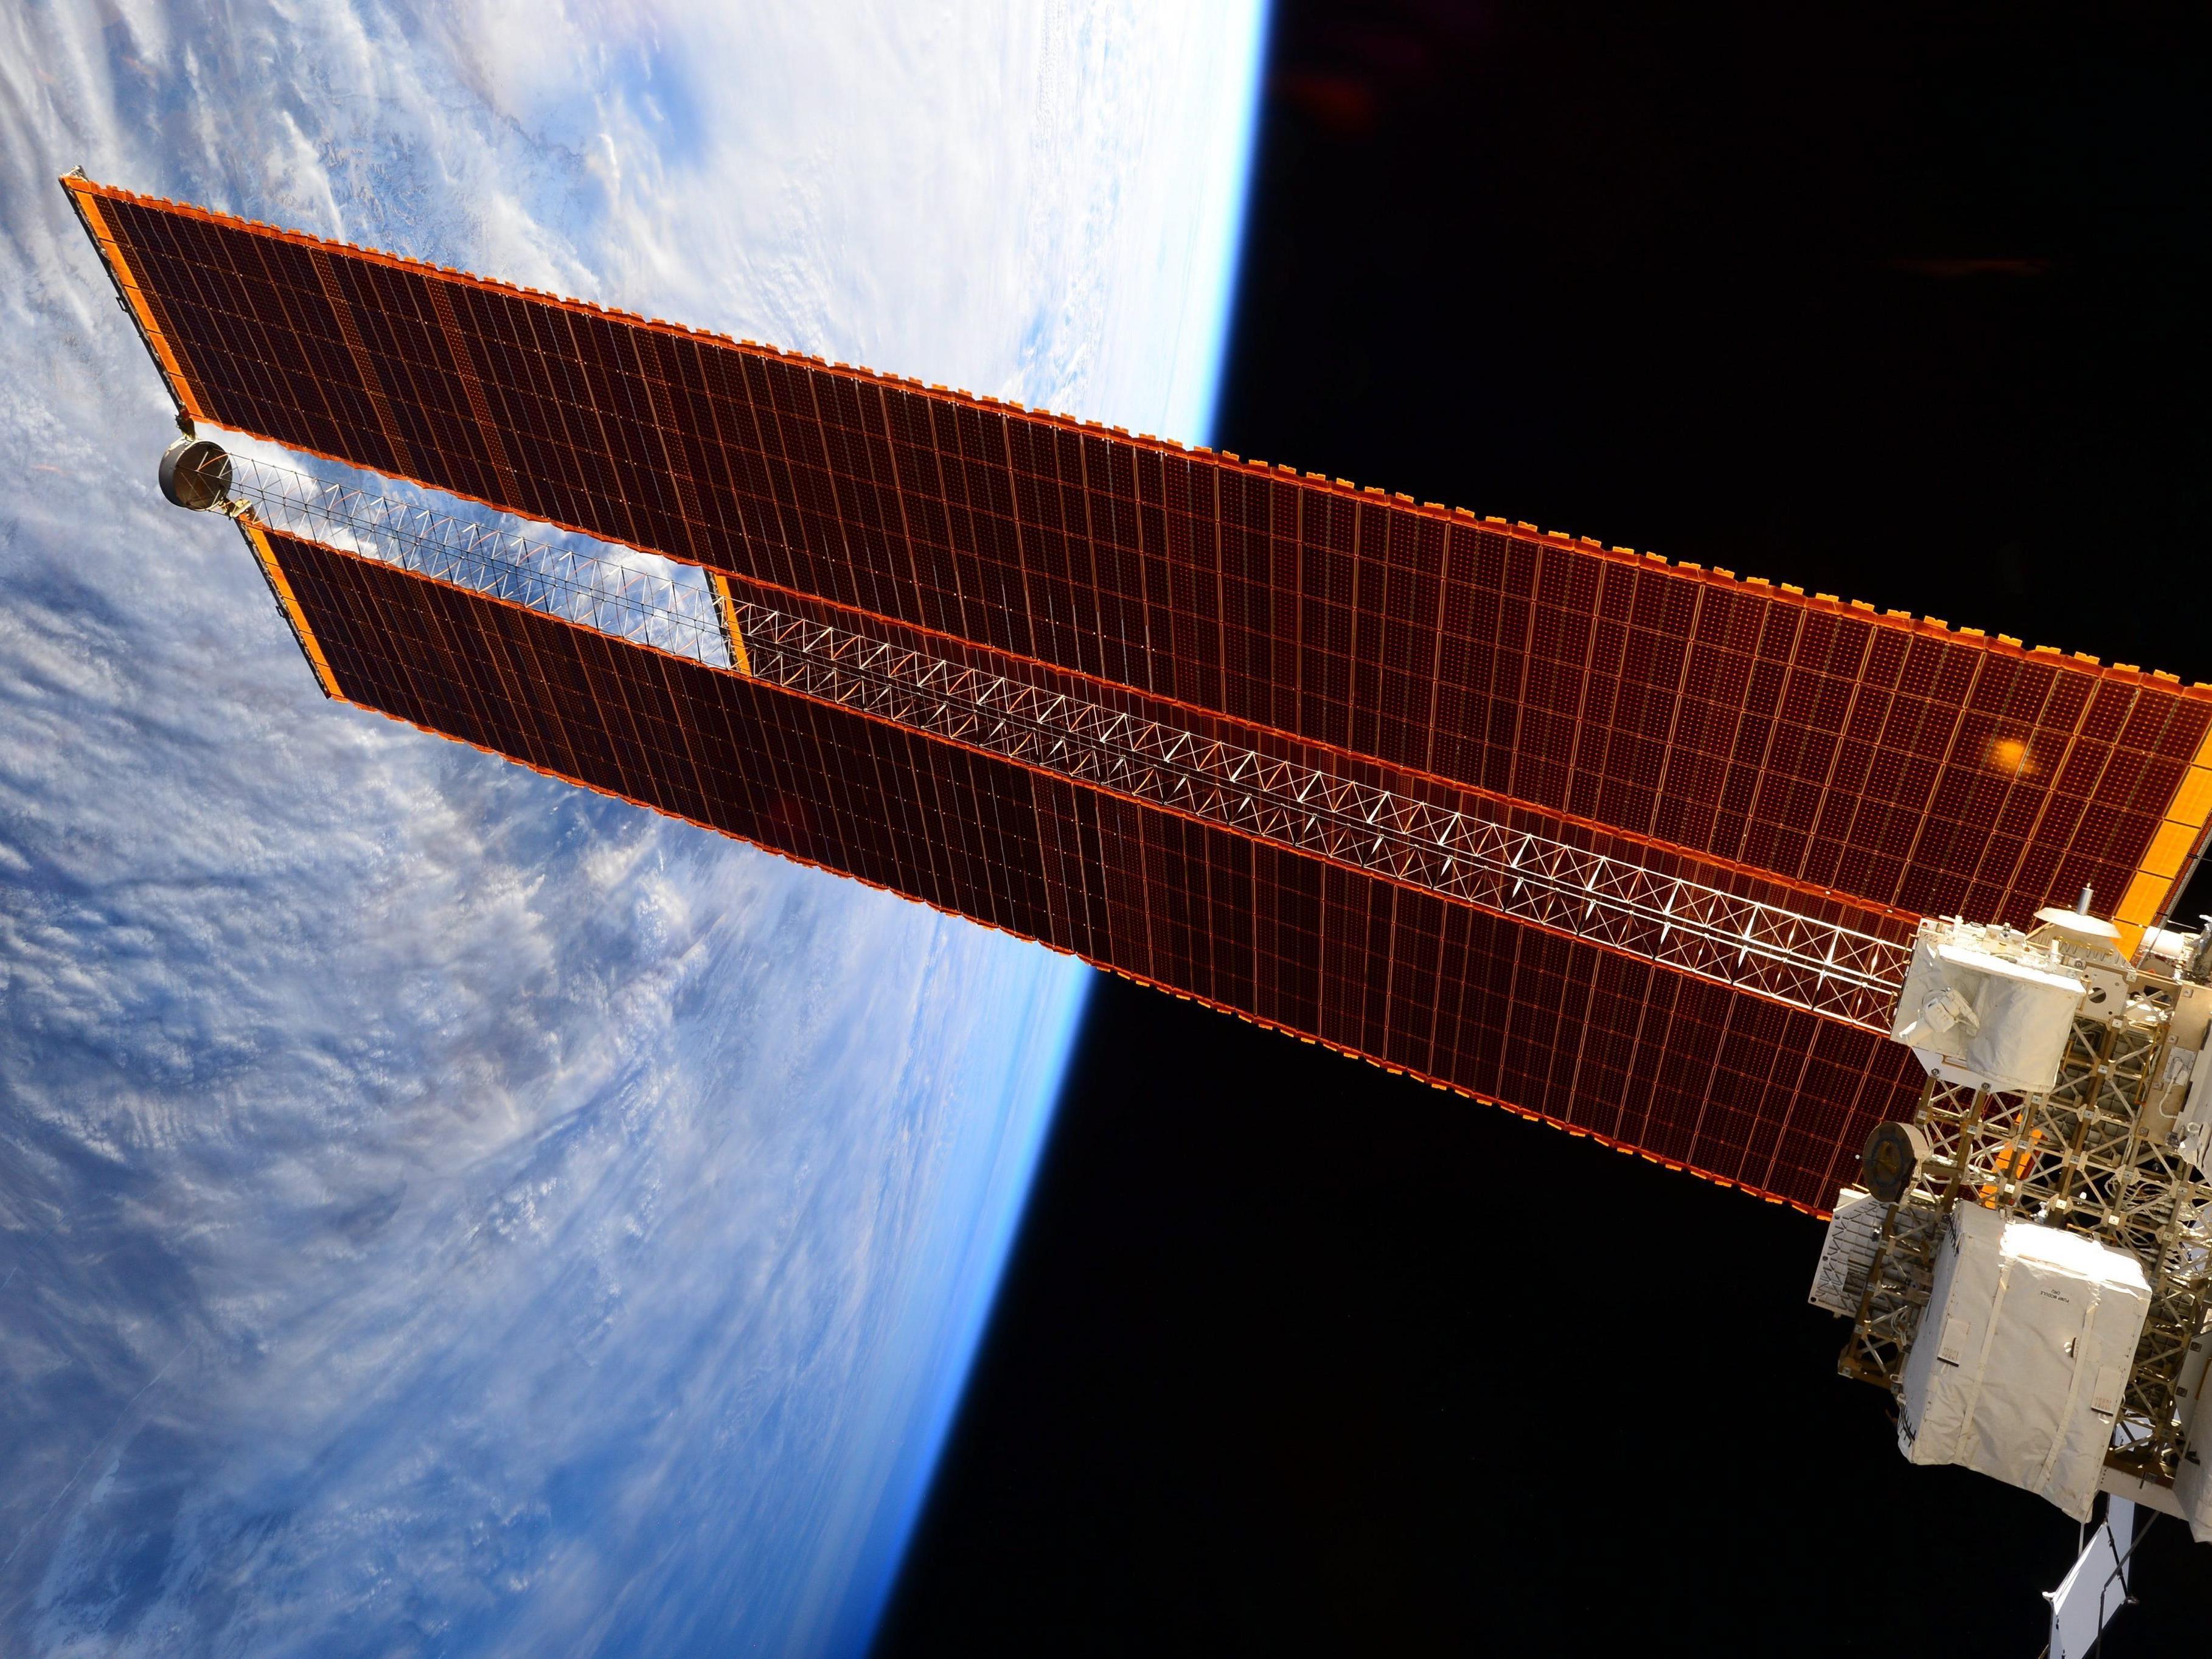 Ein russischer Raumfrachter befindet sich auf dem falschen Kurs.